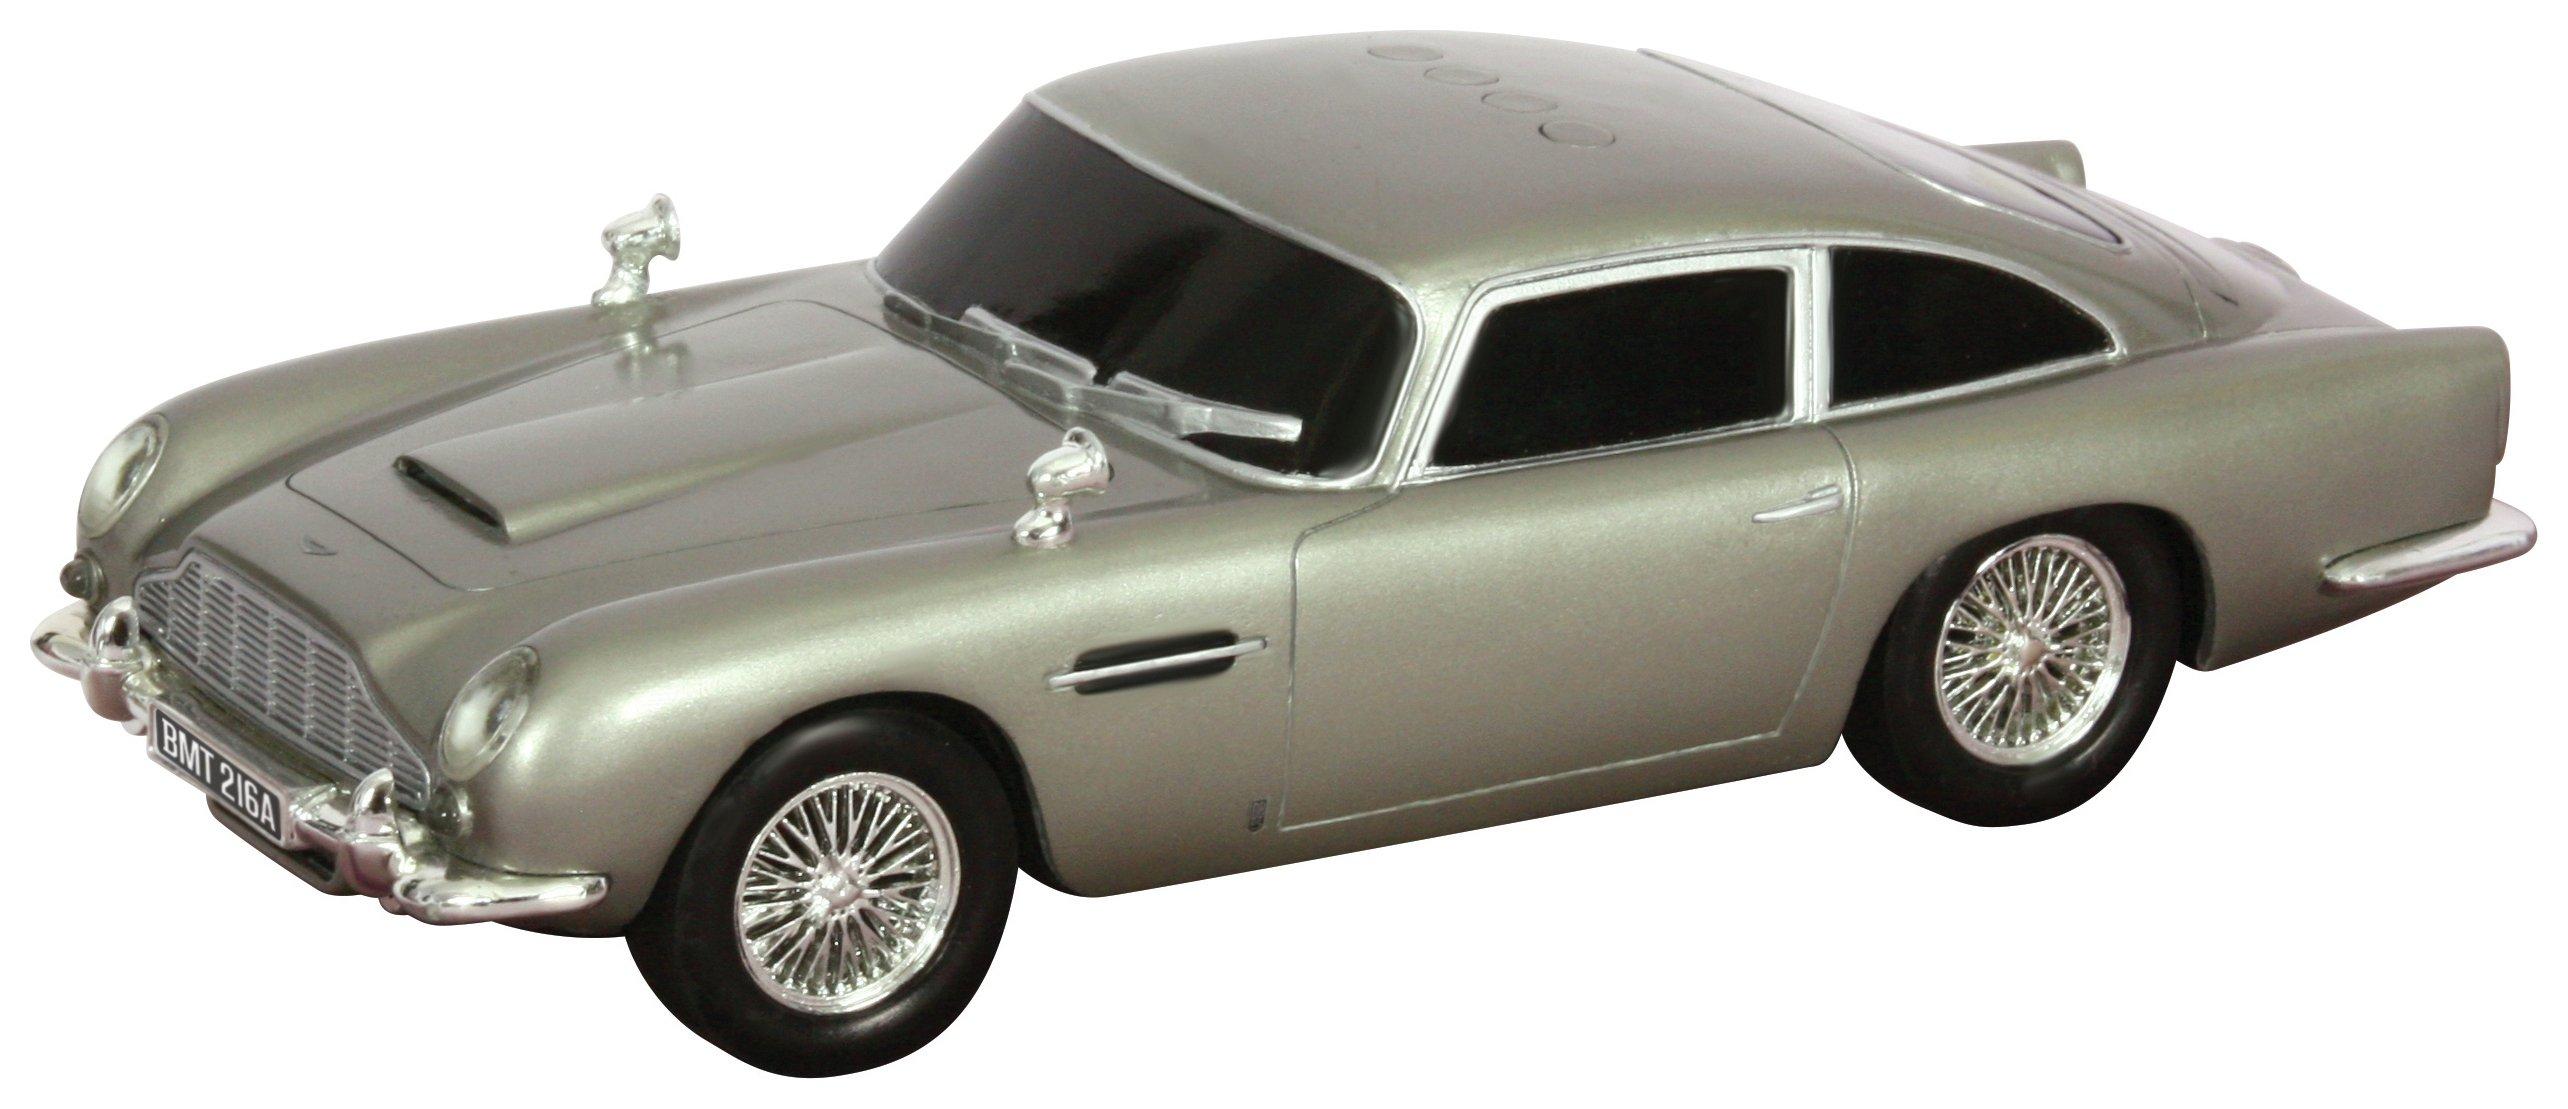 james-bond-skyfall-aston-martin-db5-motorised-vehicle